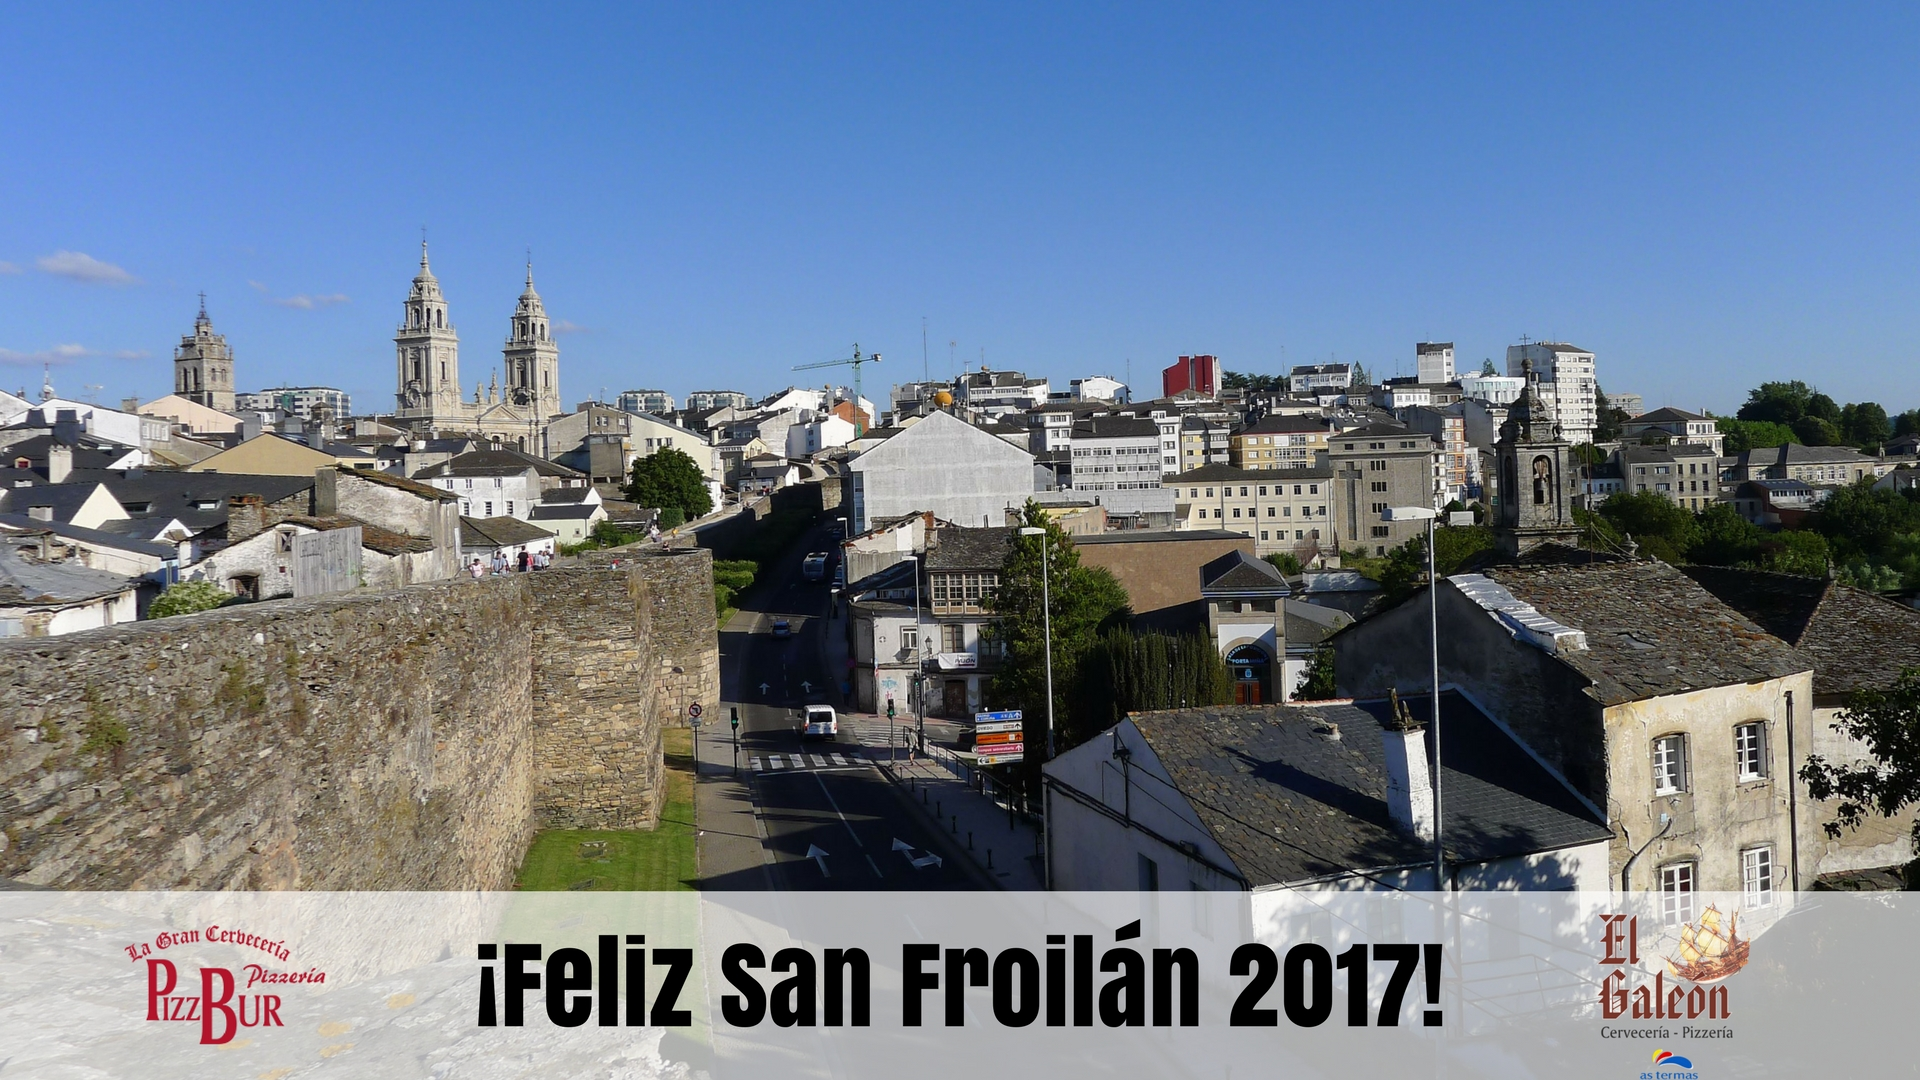 doce-dias-de-fiesta-en-lugo-con-el-san-froilan-1920